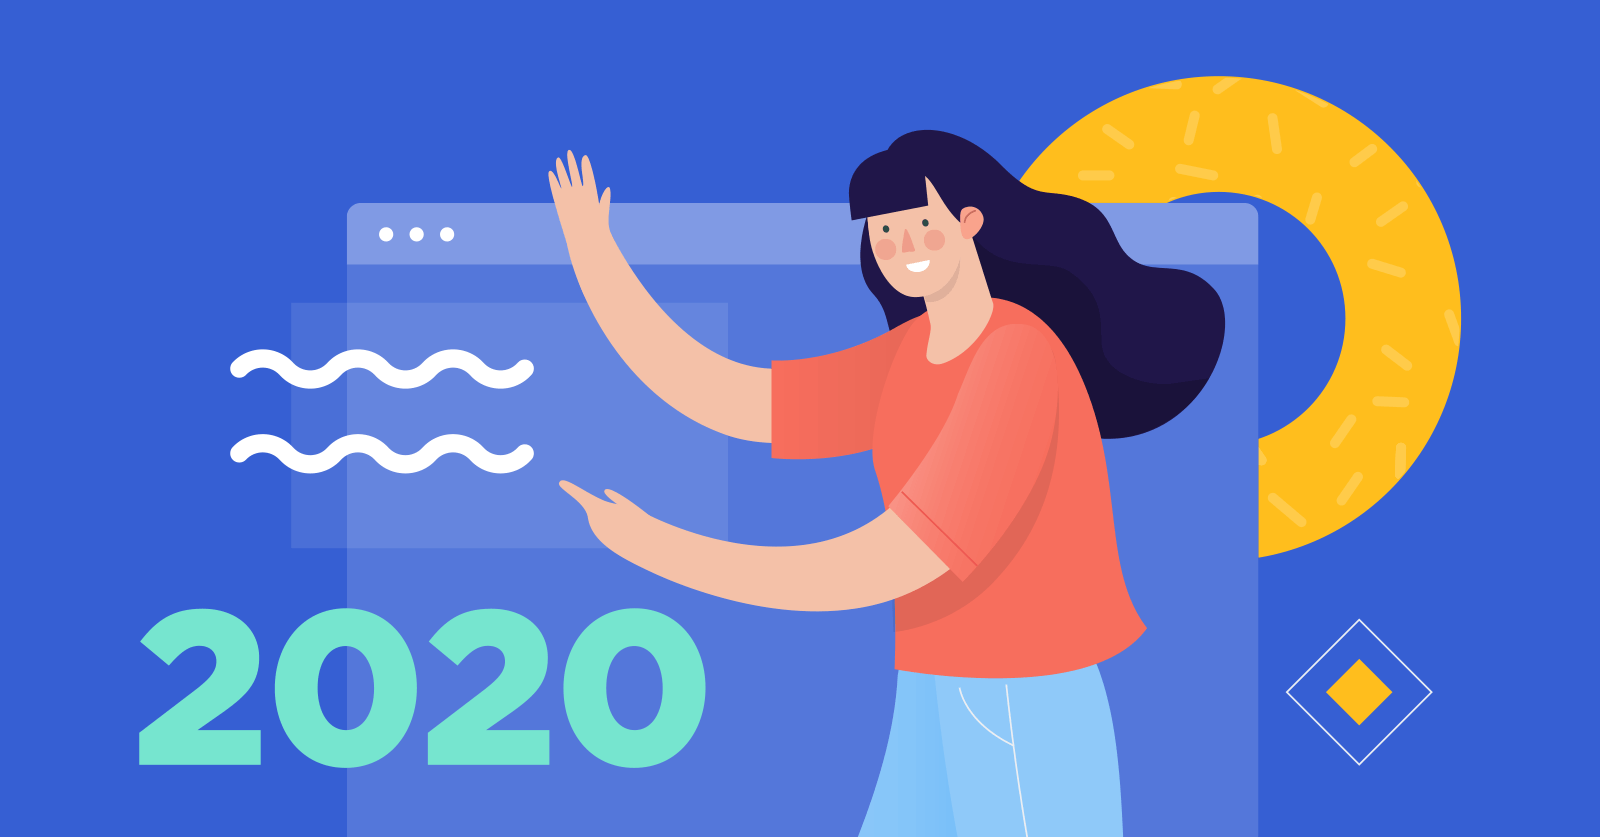 Le marketing de contenu en 2020: le guide définitif